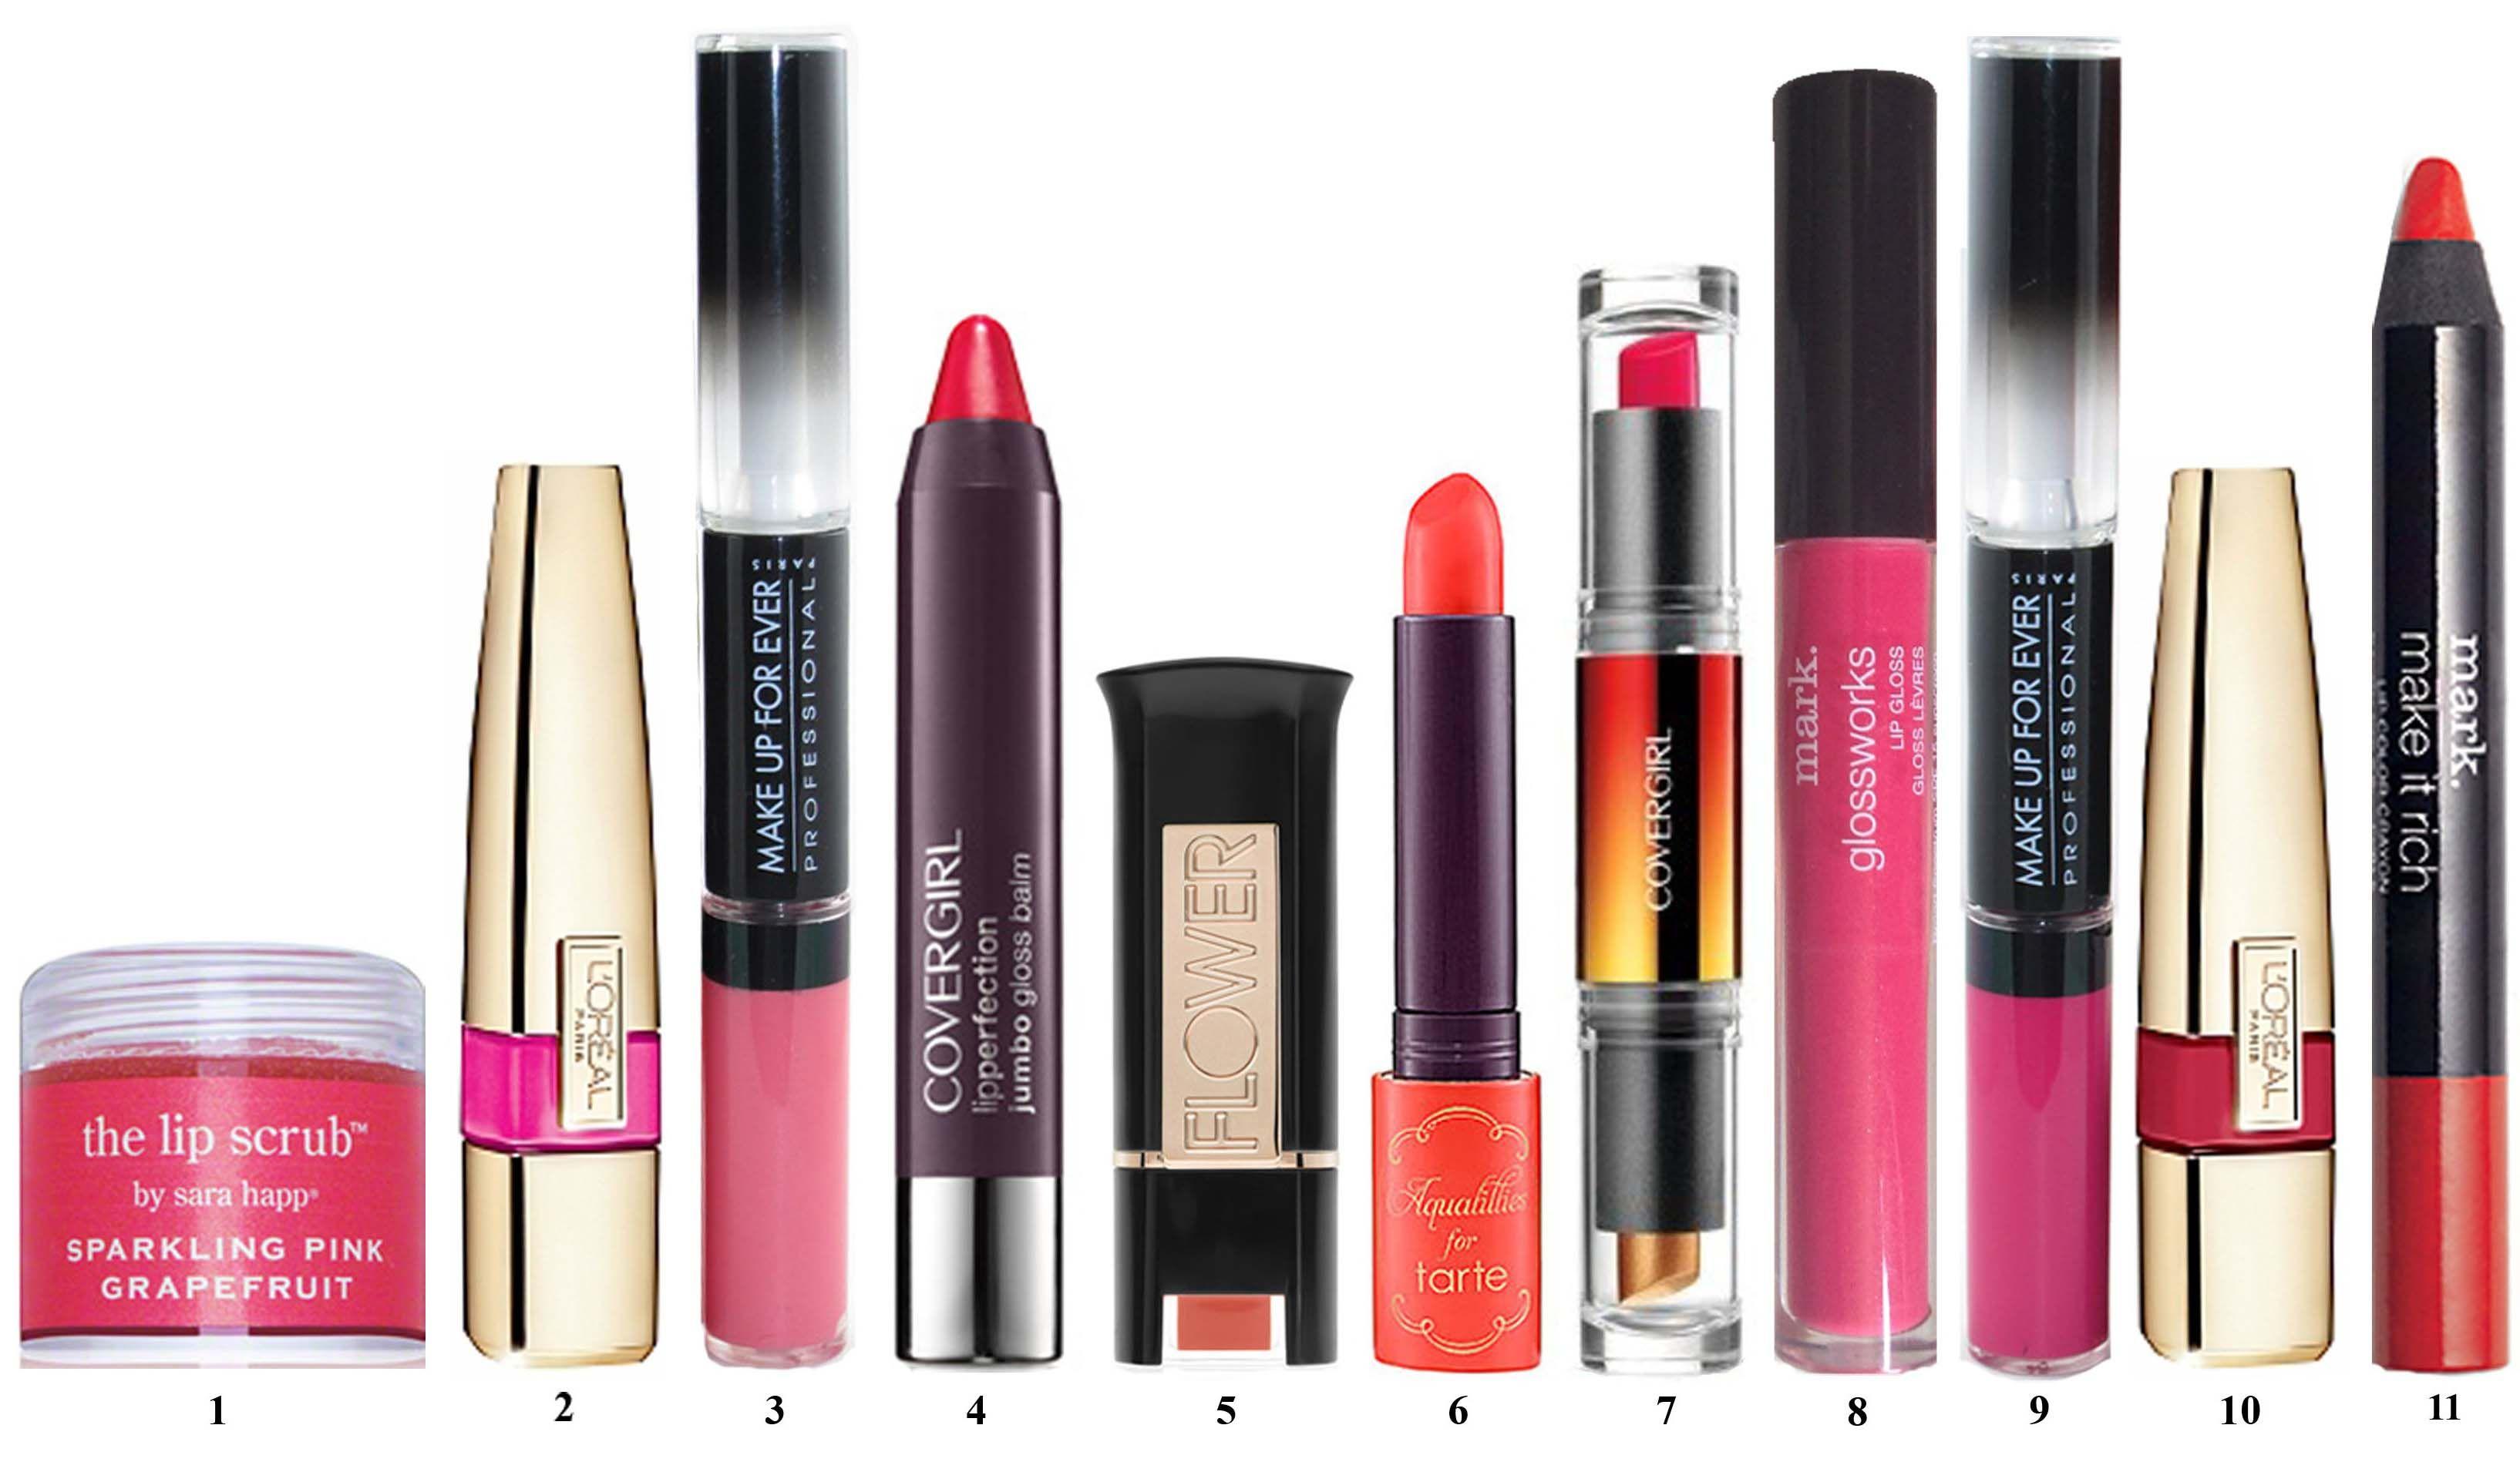 Top 10 Best Cosmetics Brands For Beautiful Women